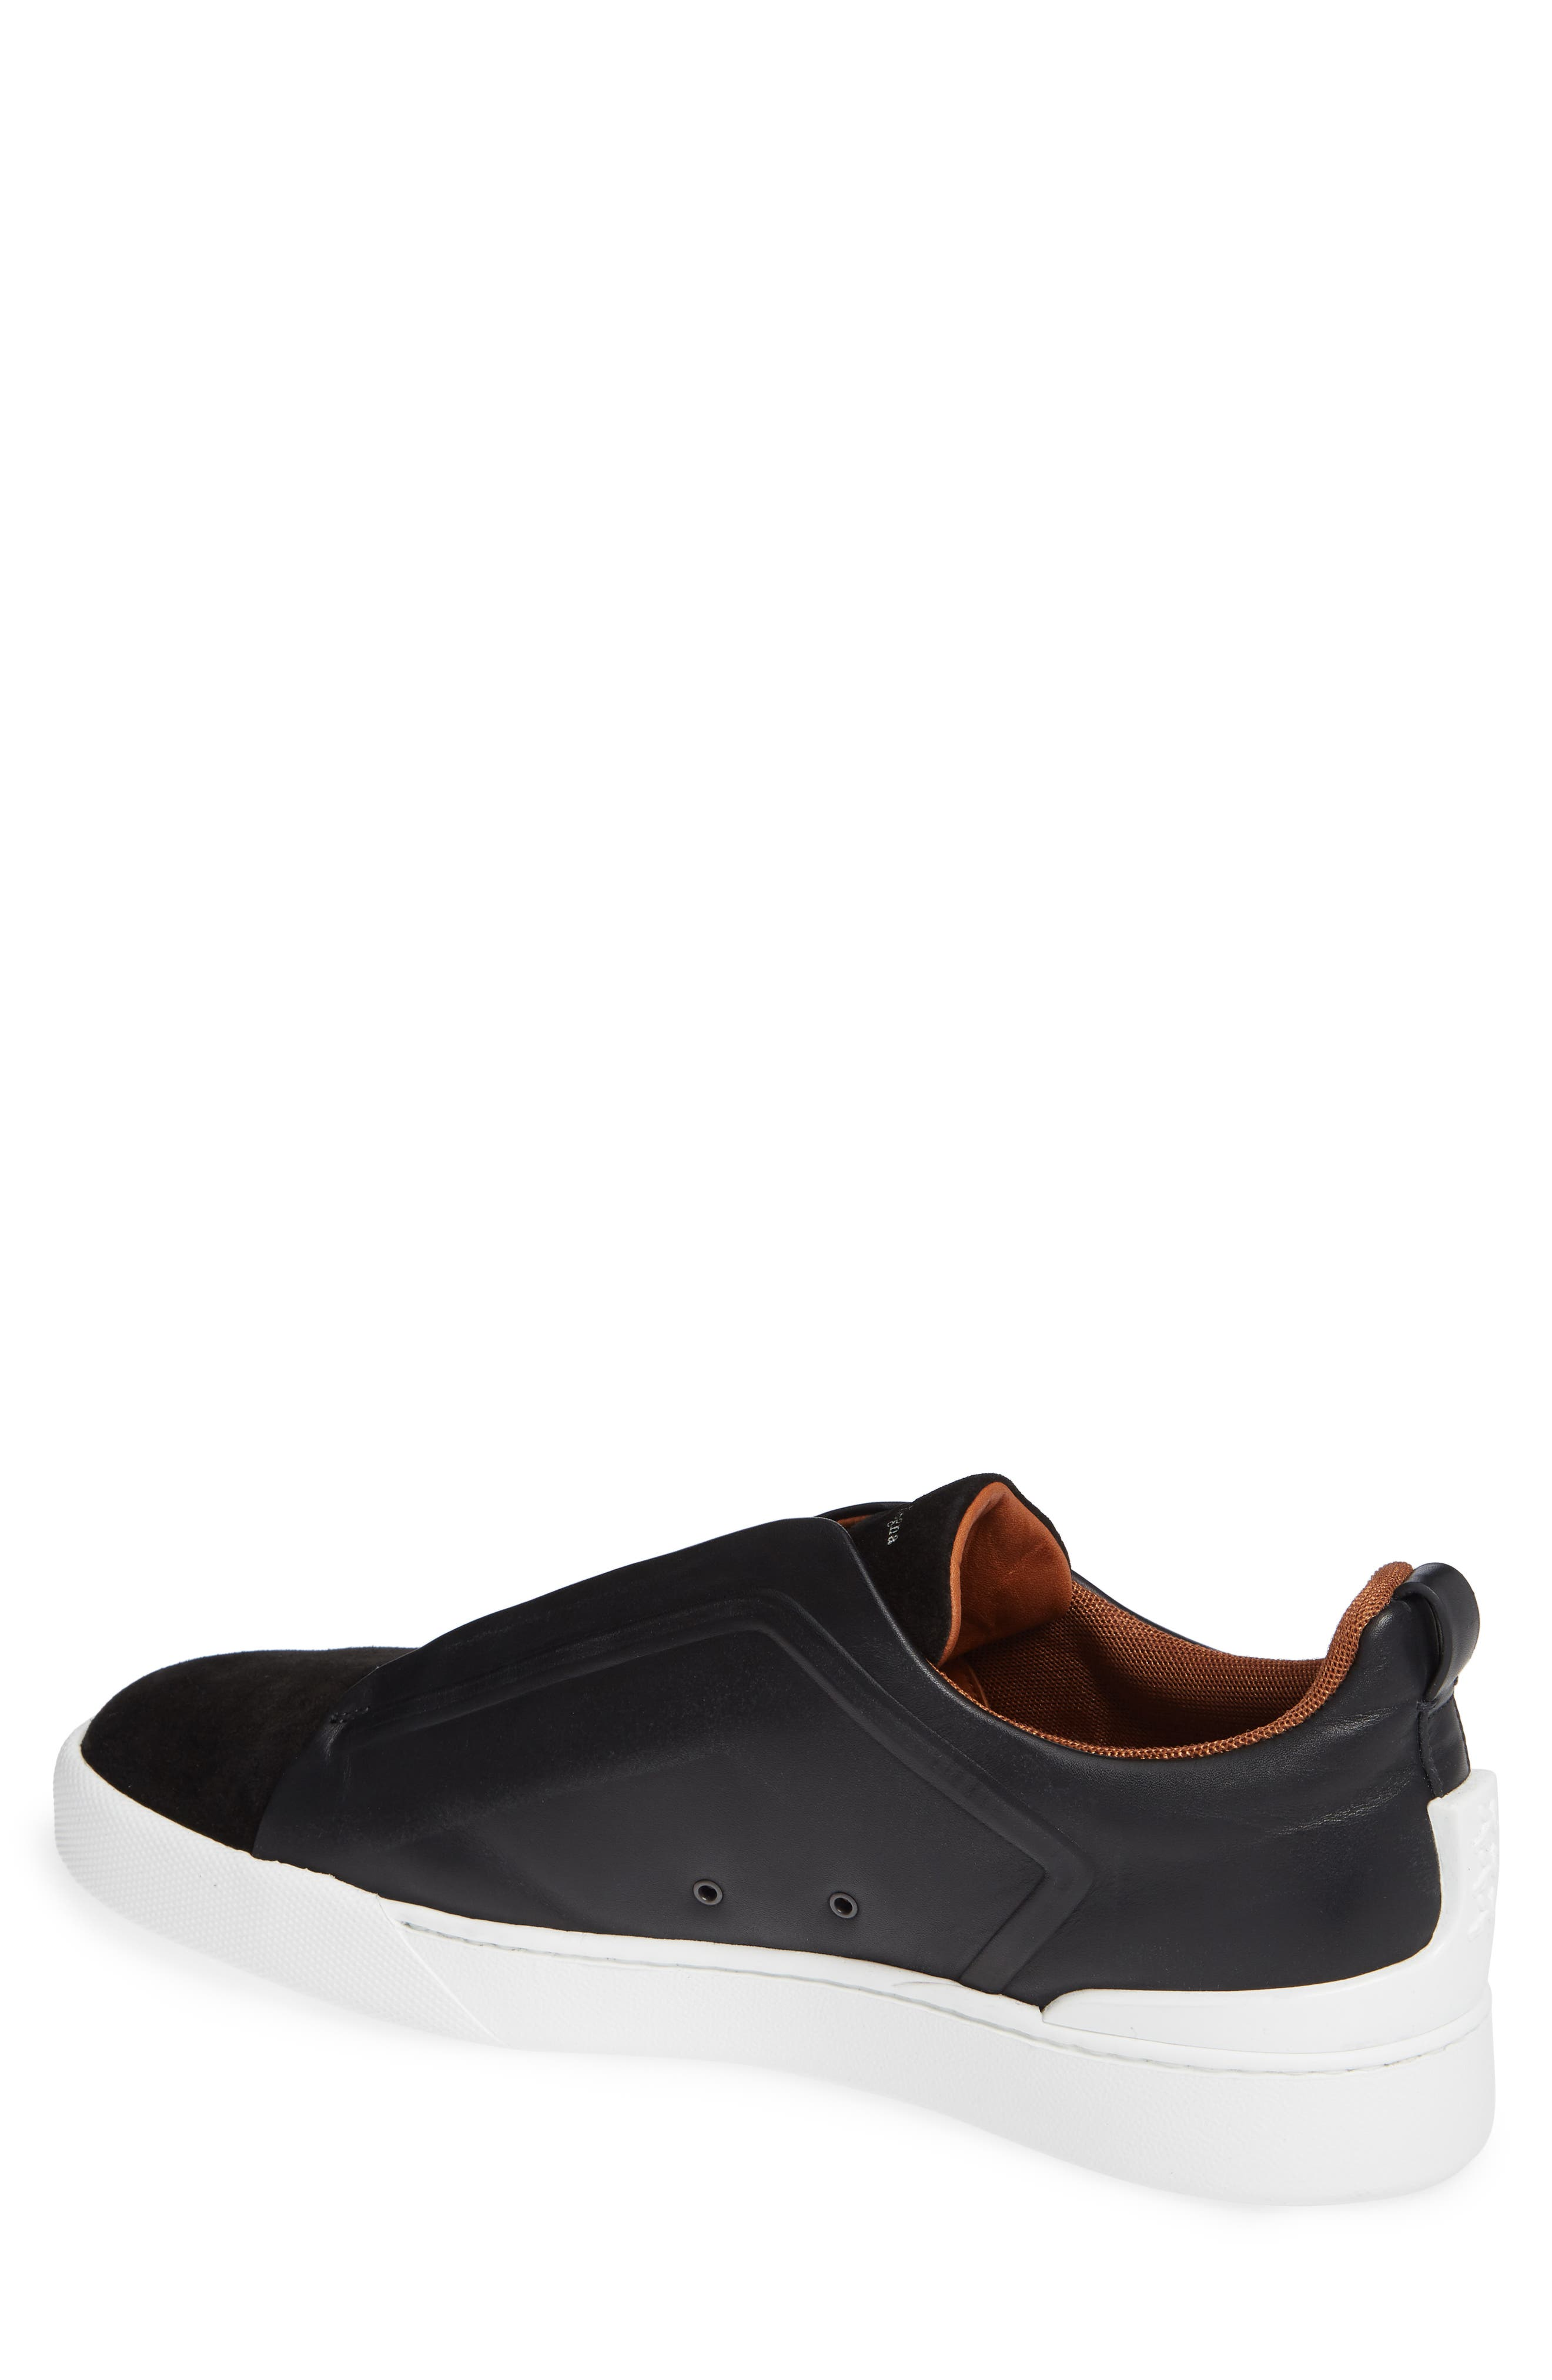 Slip-On Sneaker,                             Alternate thumbnail 2, color,                             BLACK